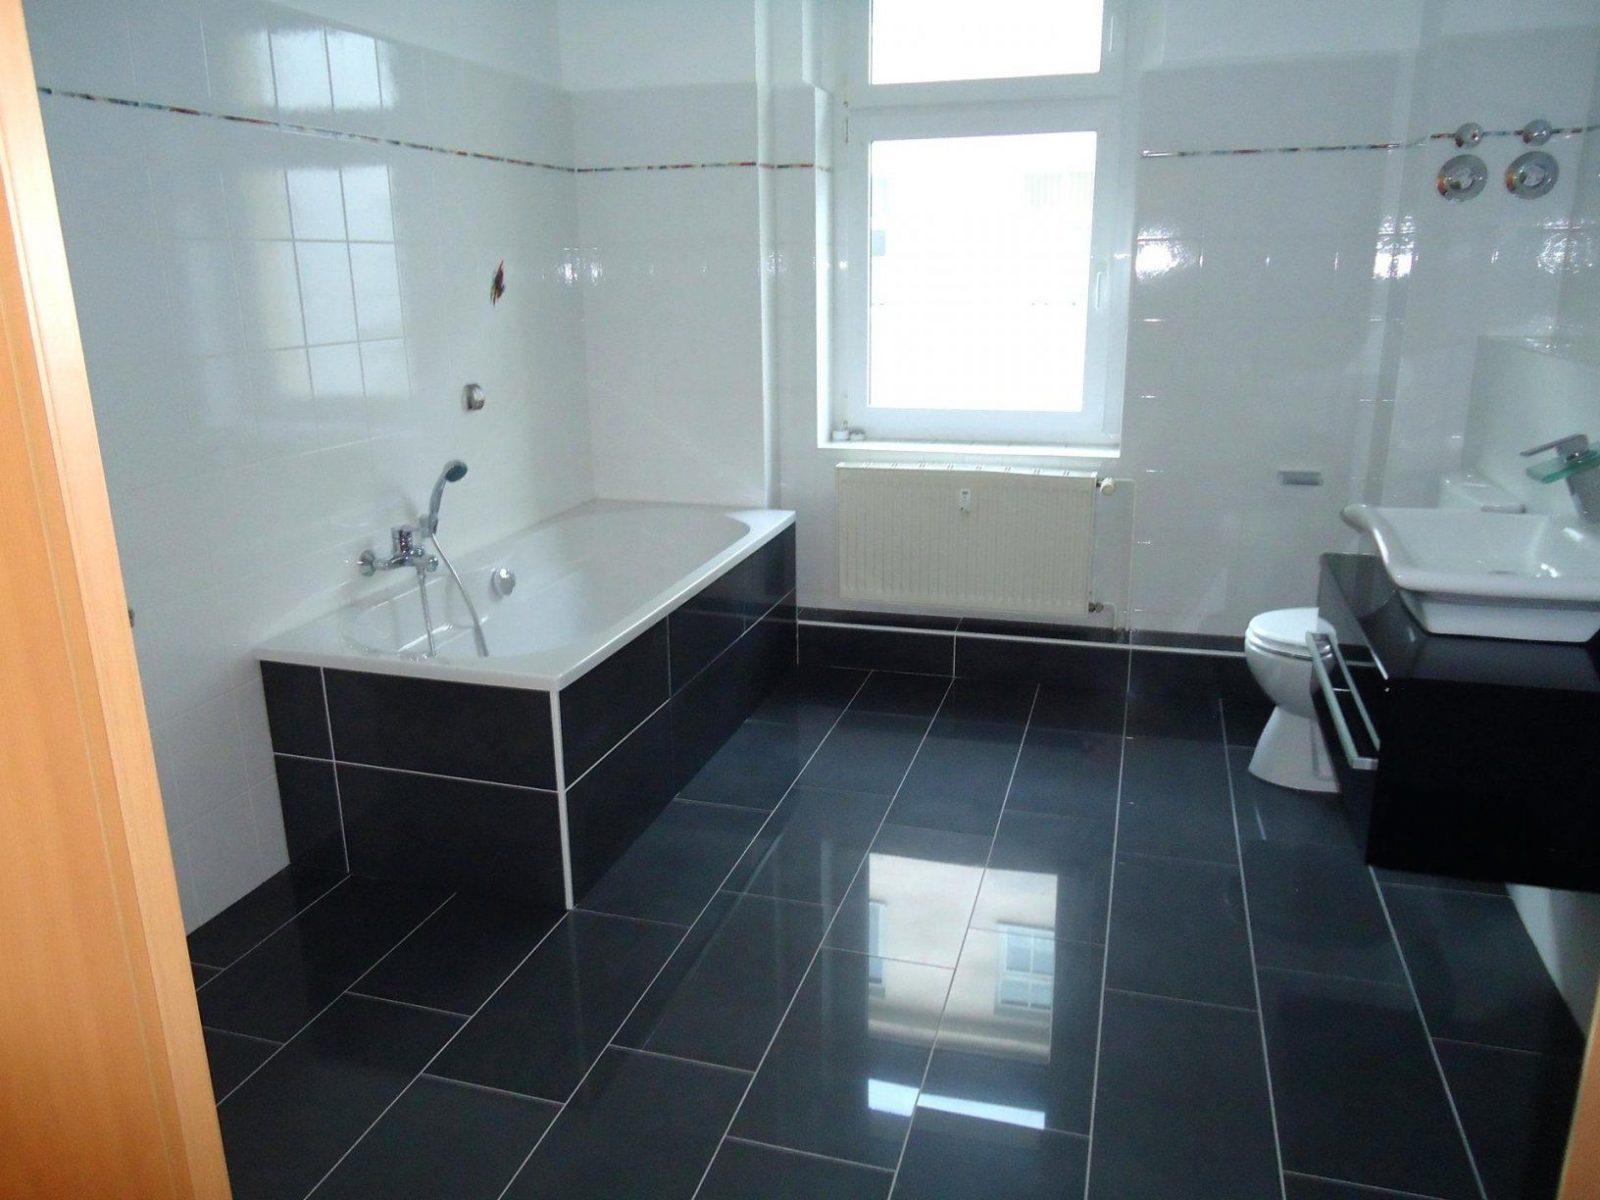 Wohnung Sanieren Kosten Komplett Beautiful Mablierte Generalsanierte von Kosten Tapezieren Pro Qm Photo